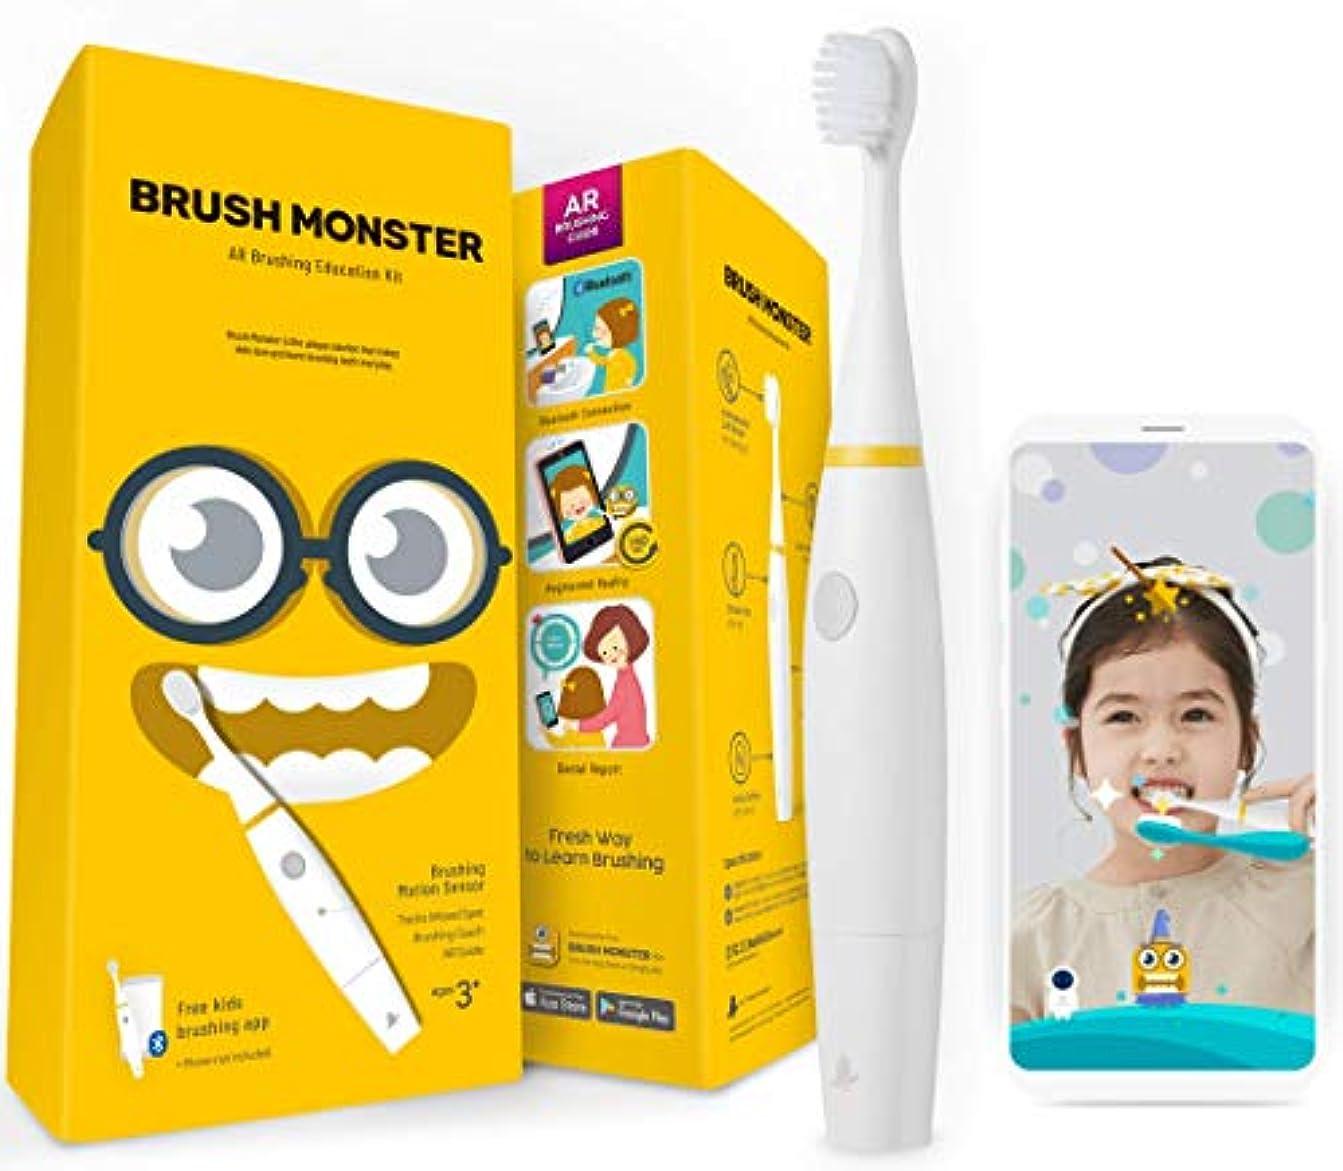 温度短命品BRUSH MONSTER ブラッシュモンスターキッズ 子供用スマートトラッキング電動歯ブラシ AR(拡張現実)搭載 歯育アプリ連動 BMT100 (本体ホワイト)